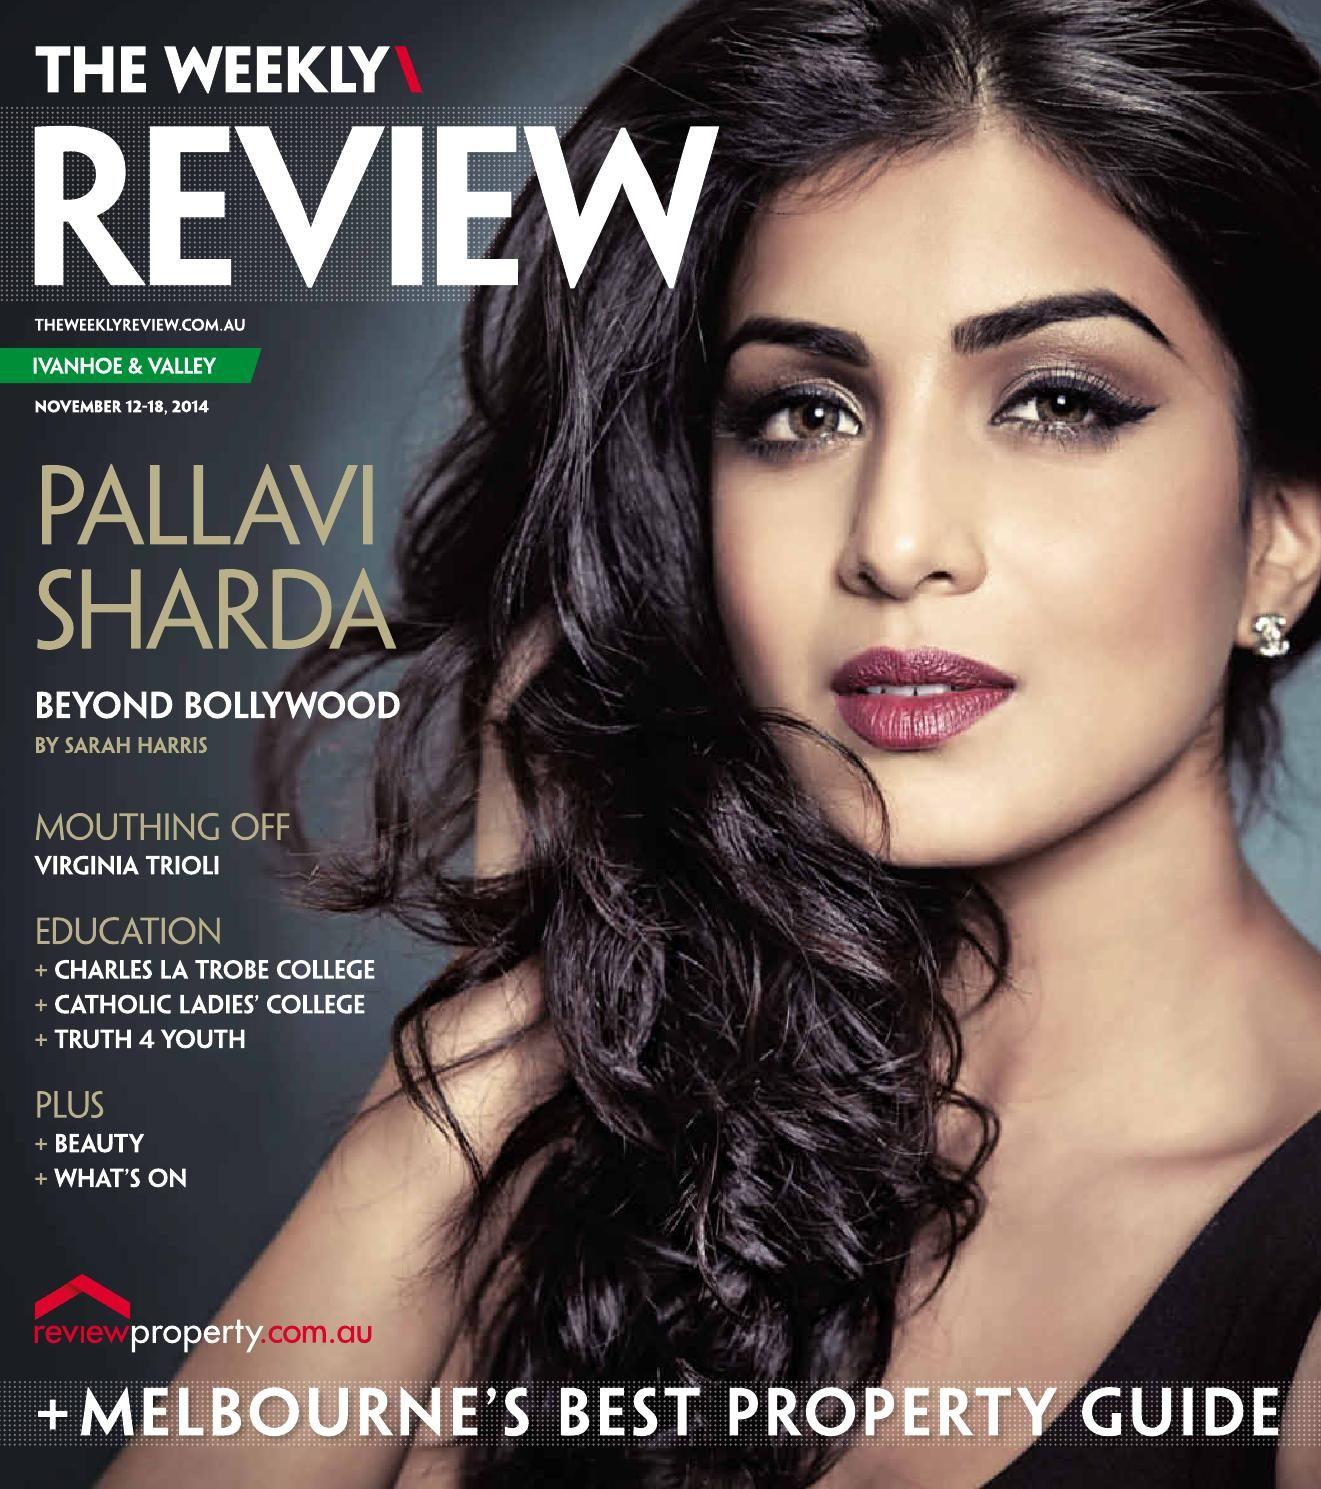 IVV Issue 99 November 12 2014